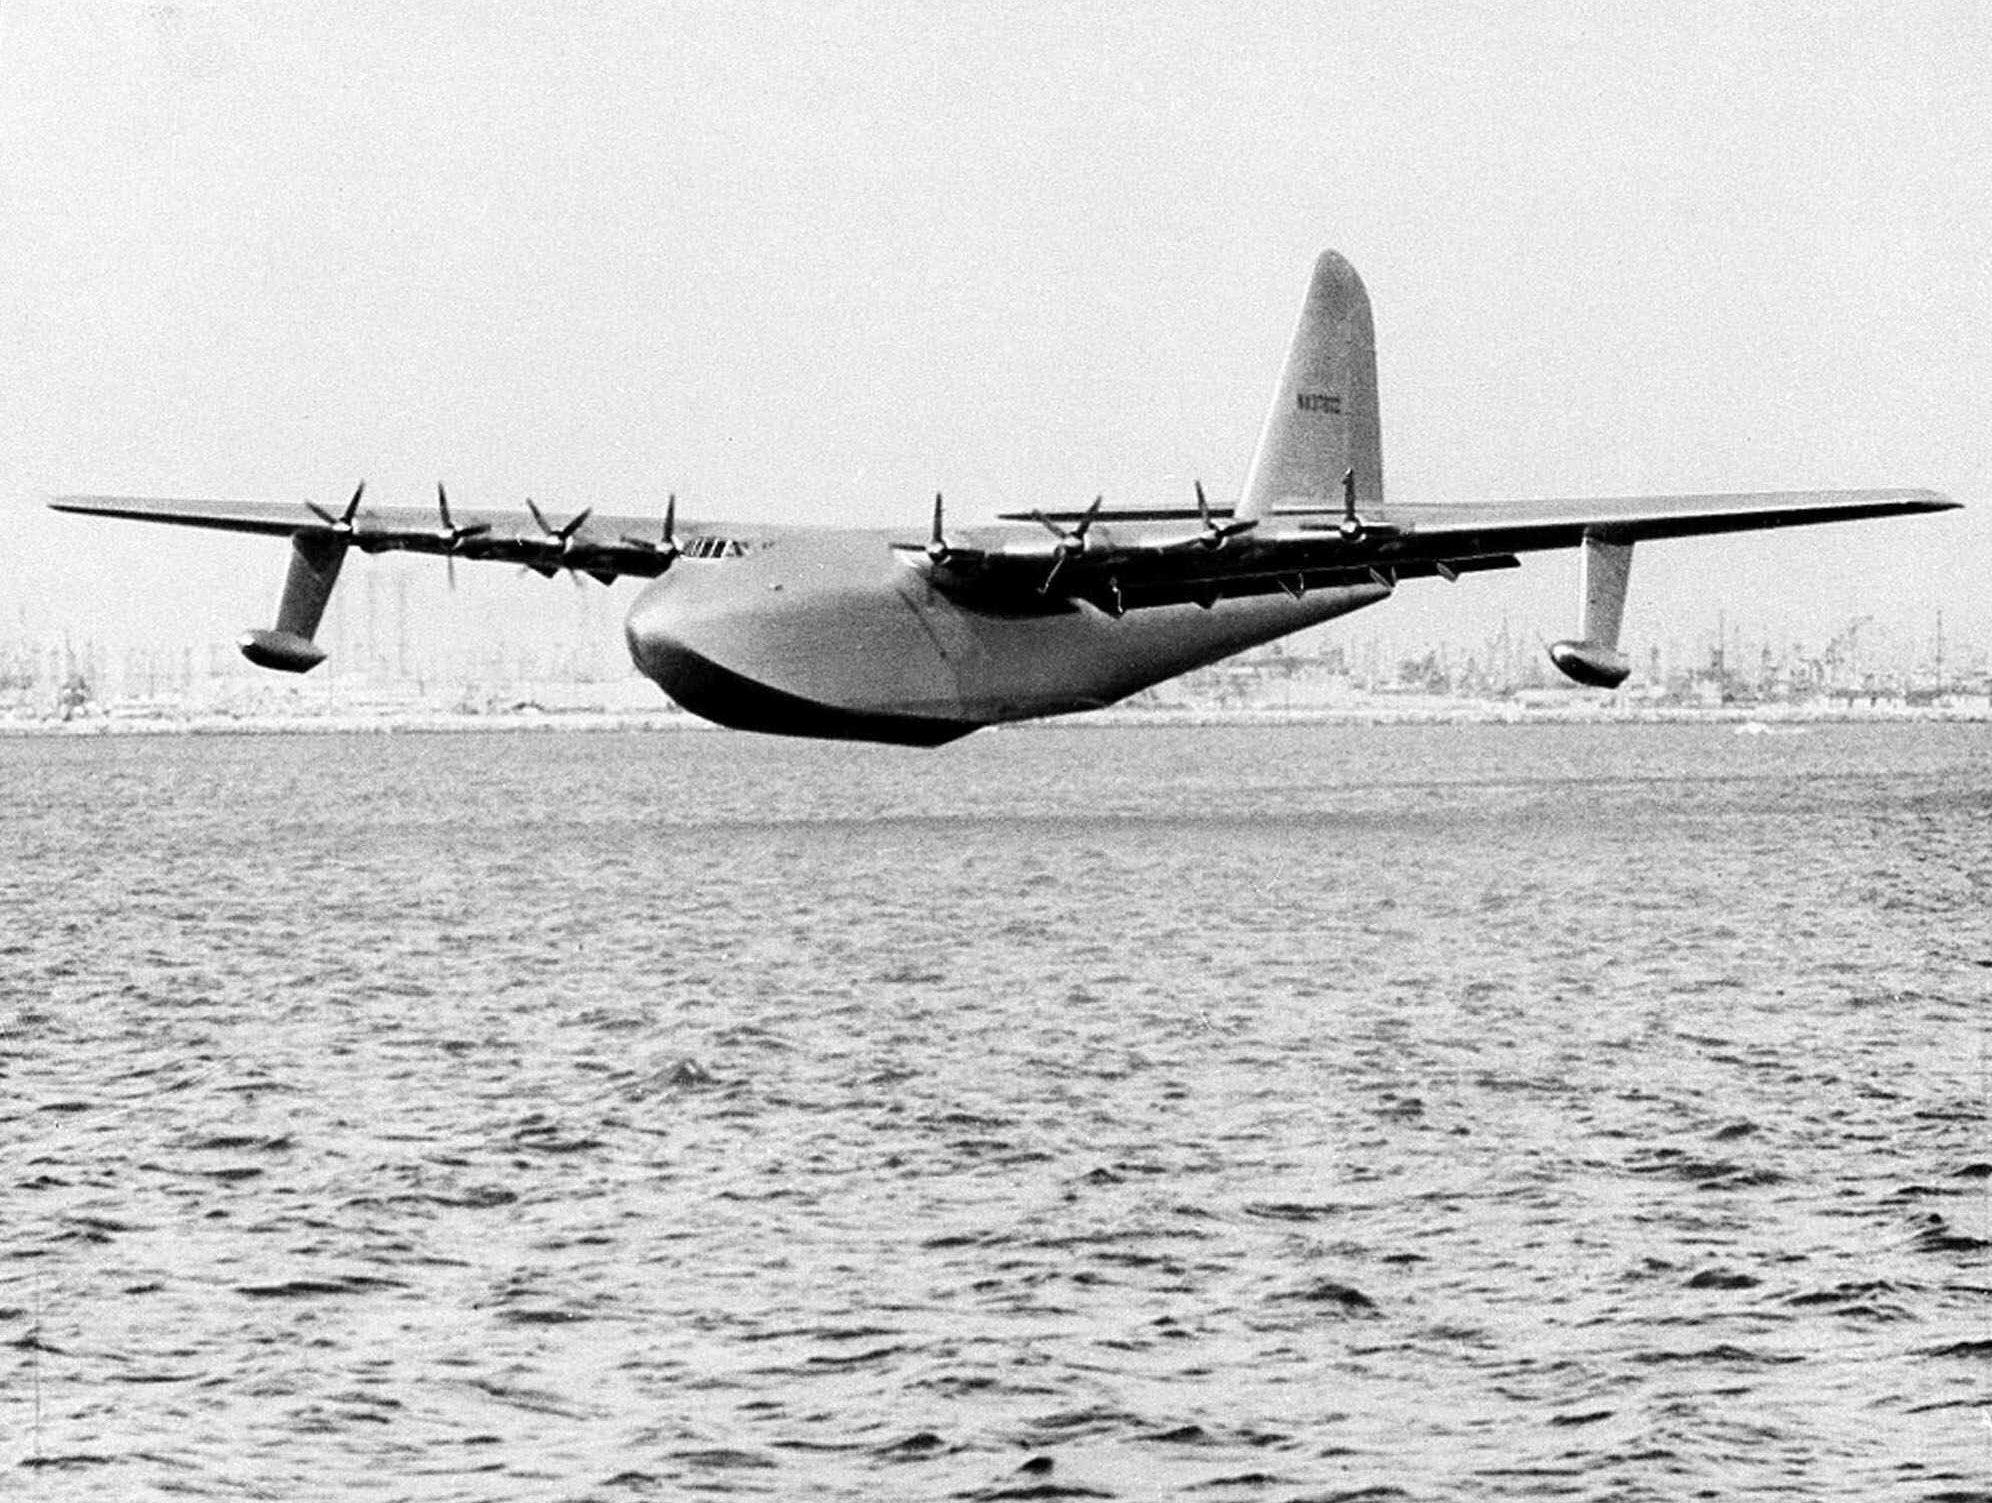 El barco volador de 800 toneladas de Howard Hughes, apodado Spruce Goose, se desliza sobre el agua el 2 de noviembre de 1947